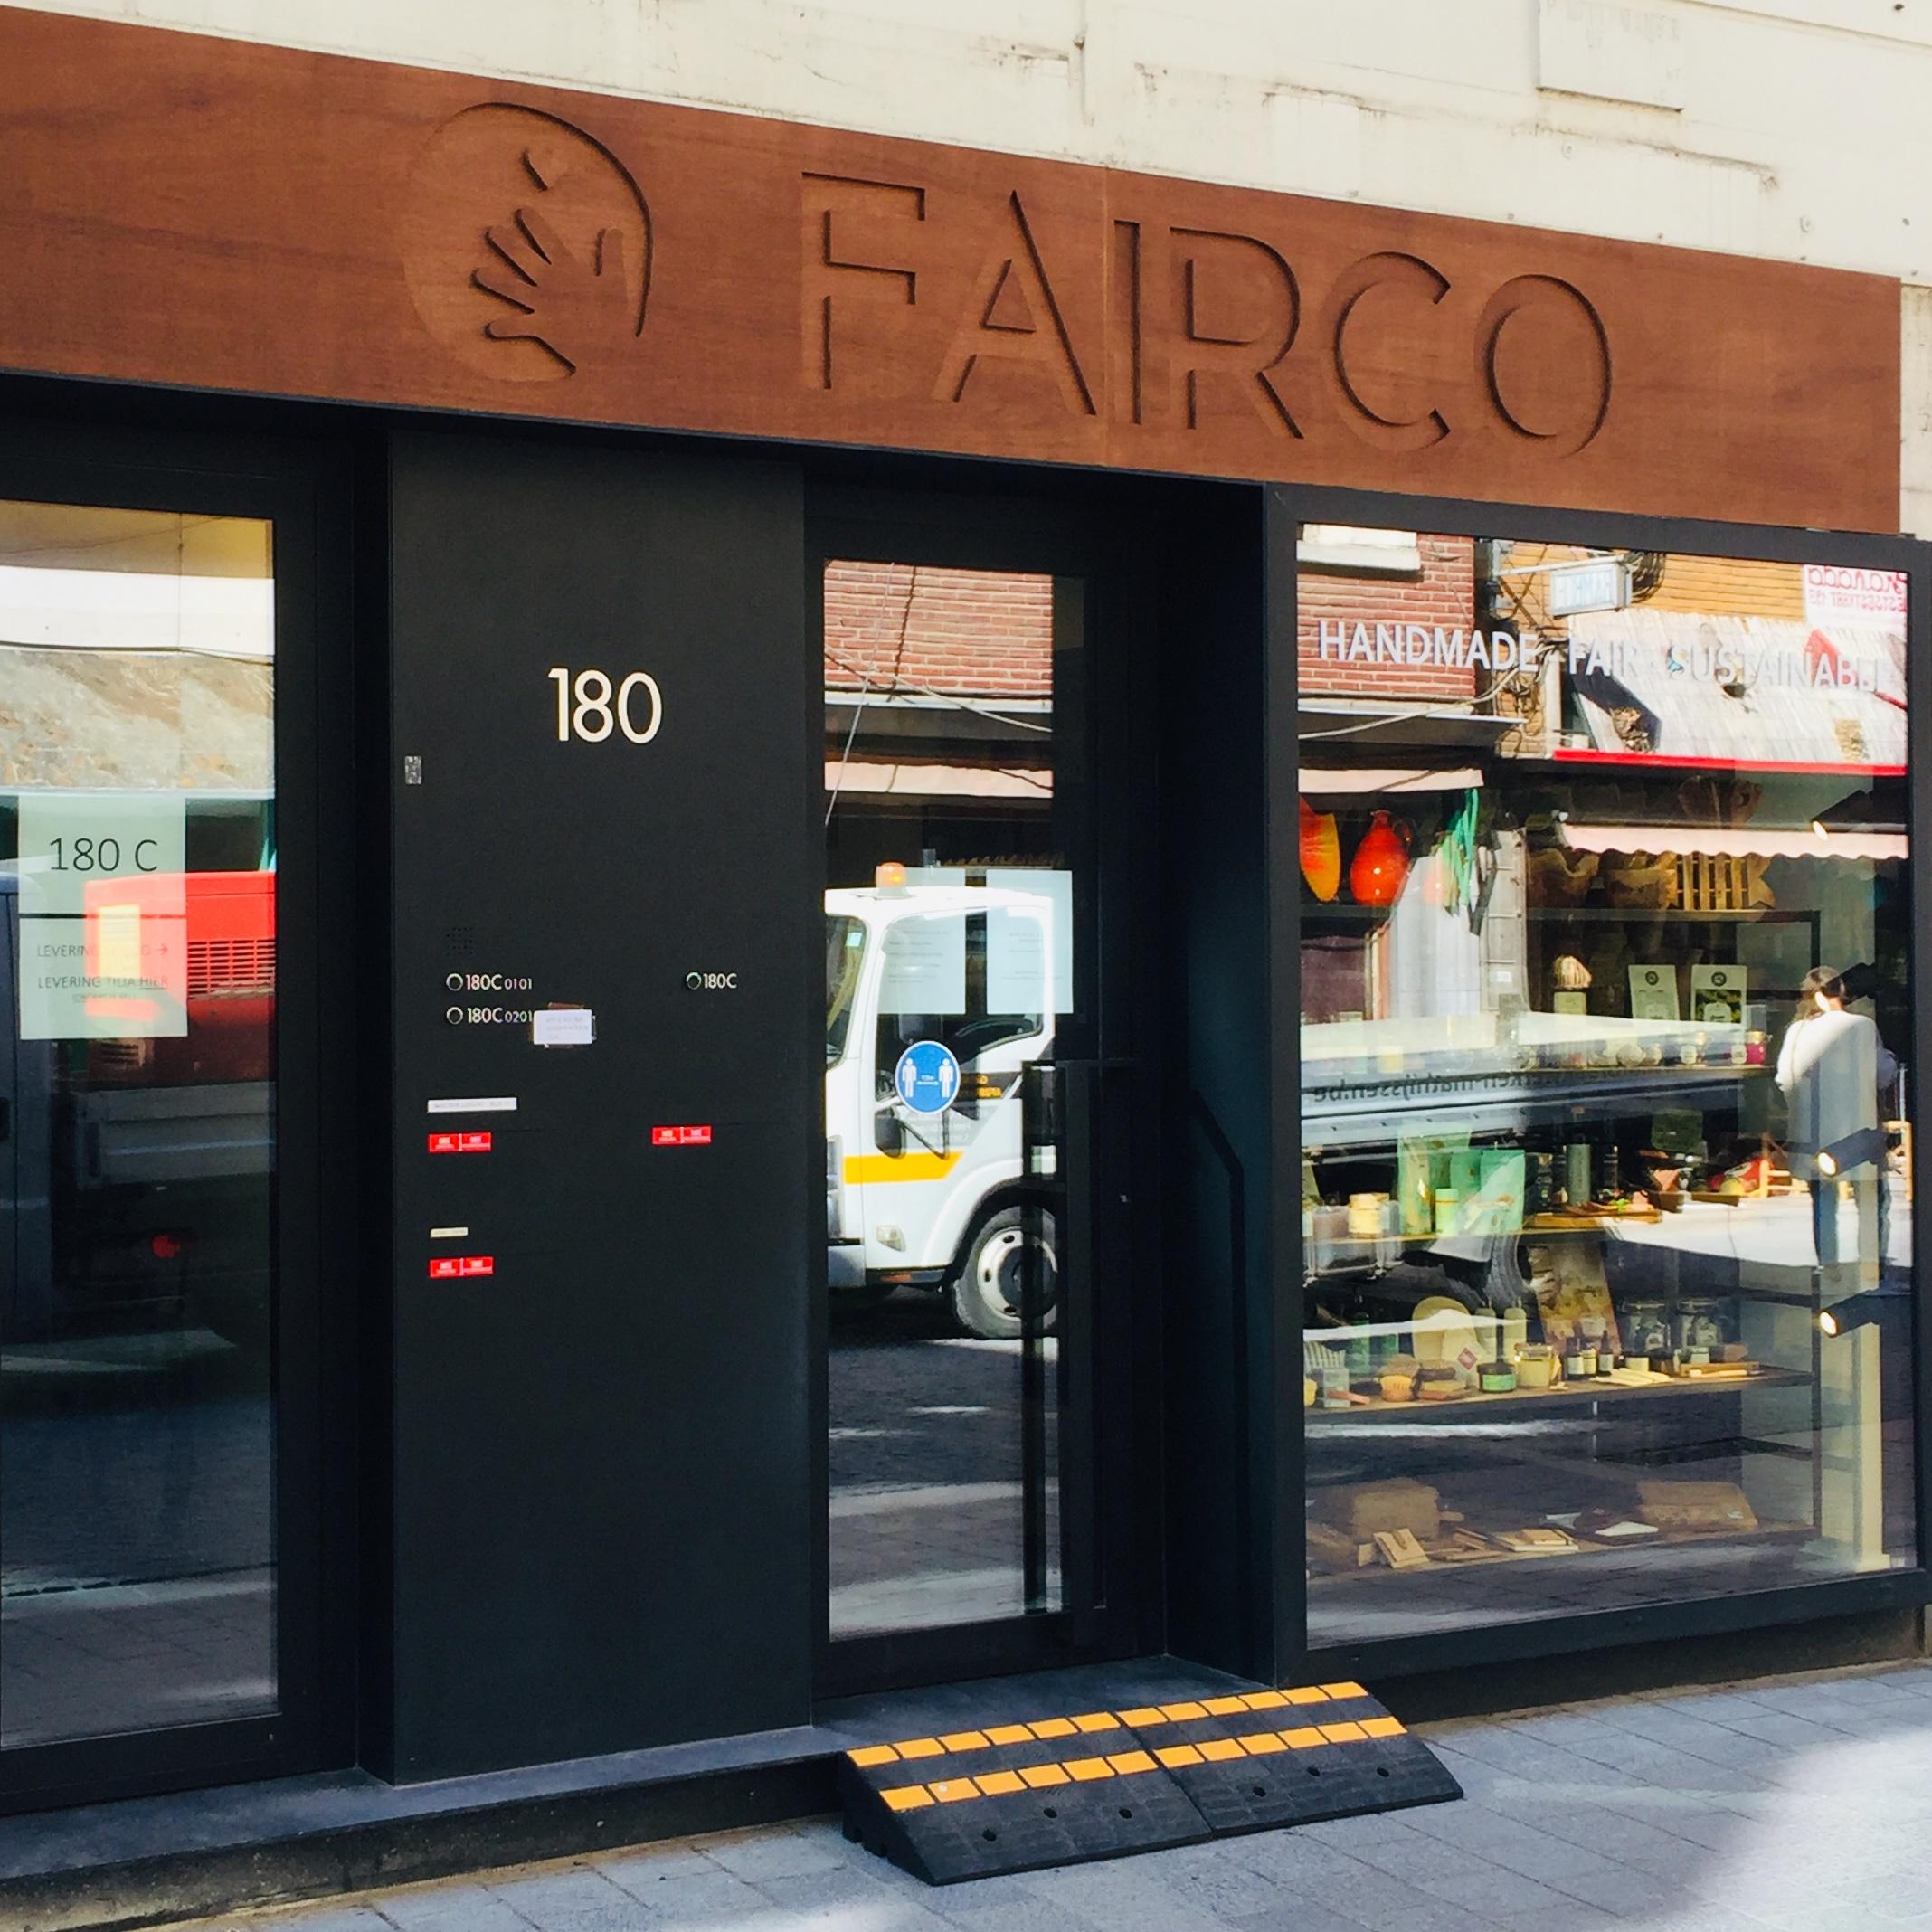 Fairco Shop Diestsestraat 180, Leuven